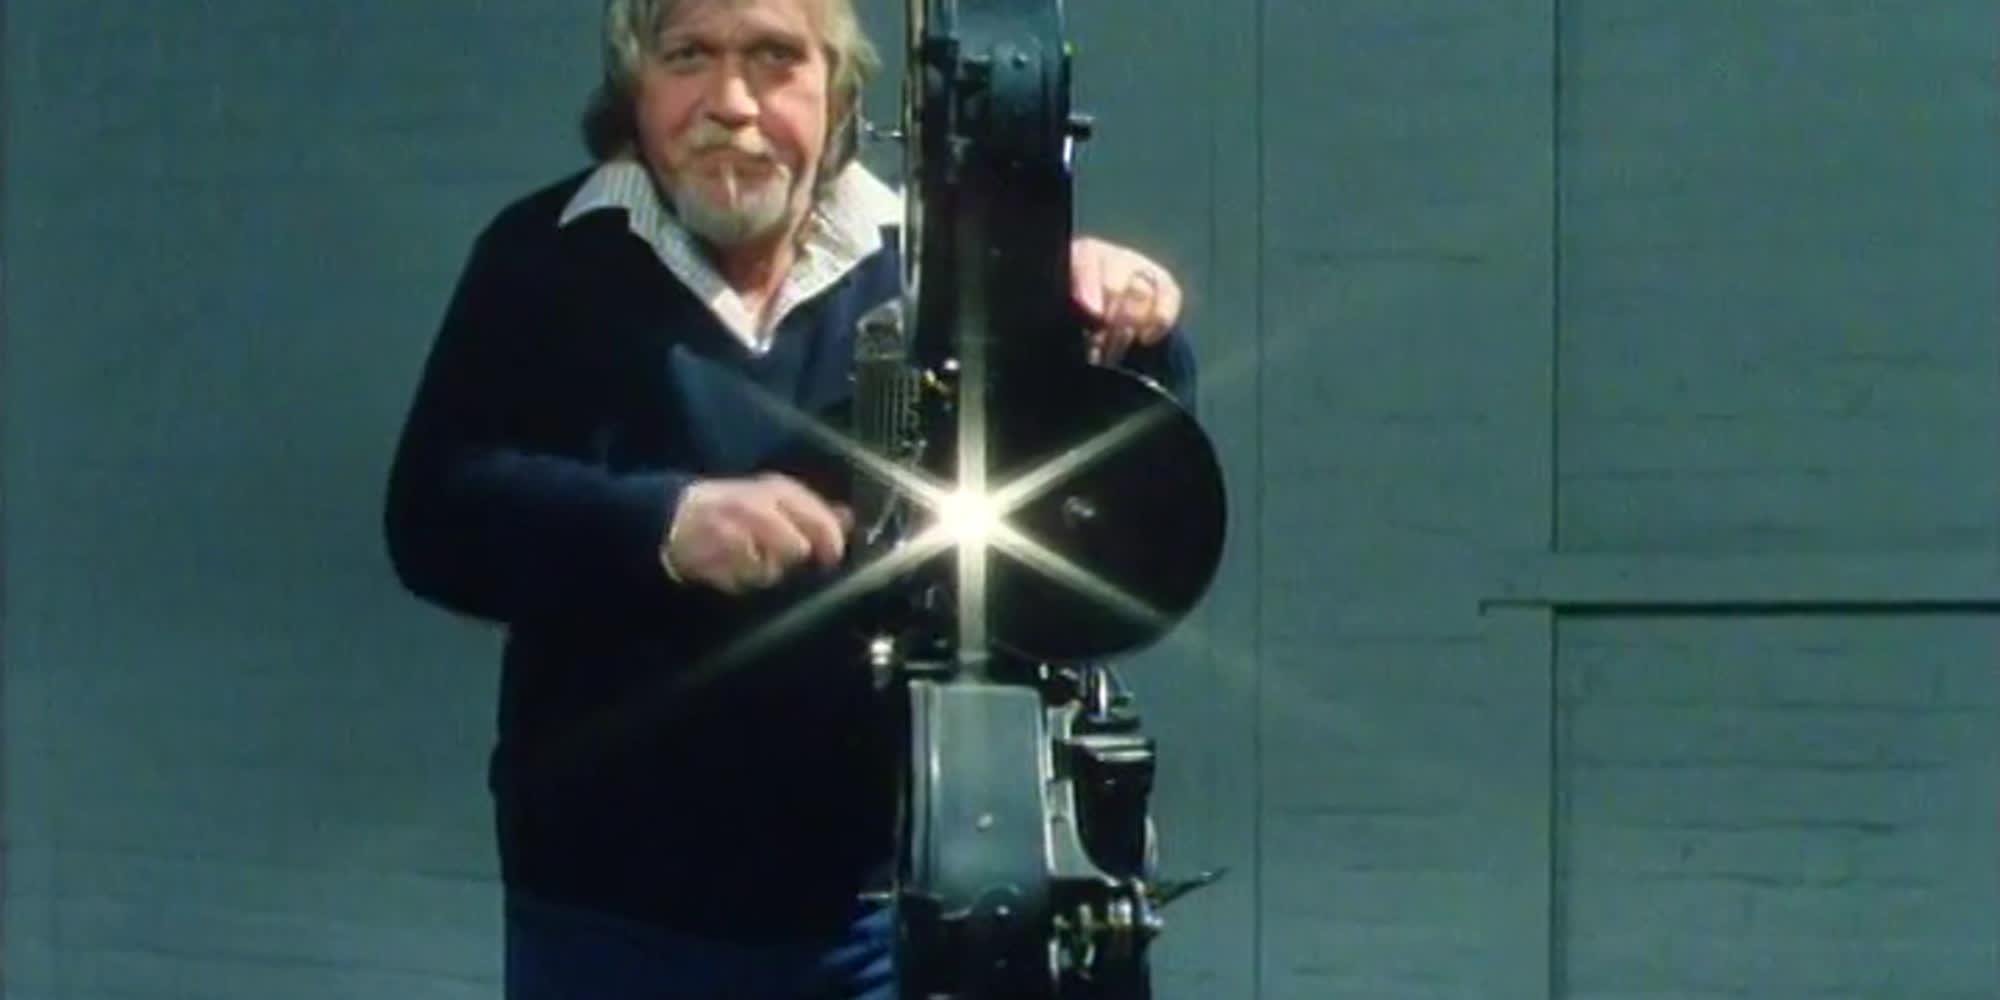 Utsnitt fra filmen Kamera går: Norsk filmproduksjon gjennom 75 år.